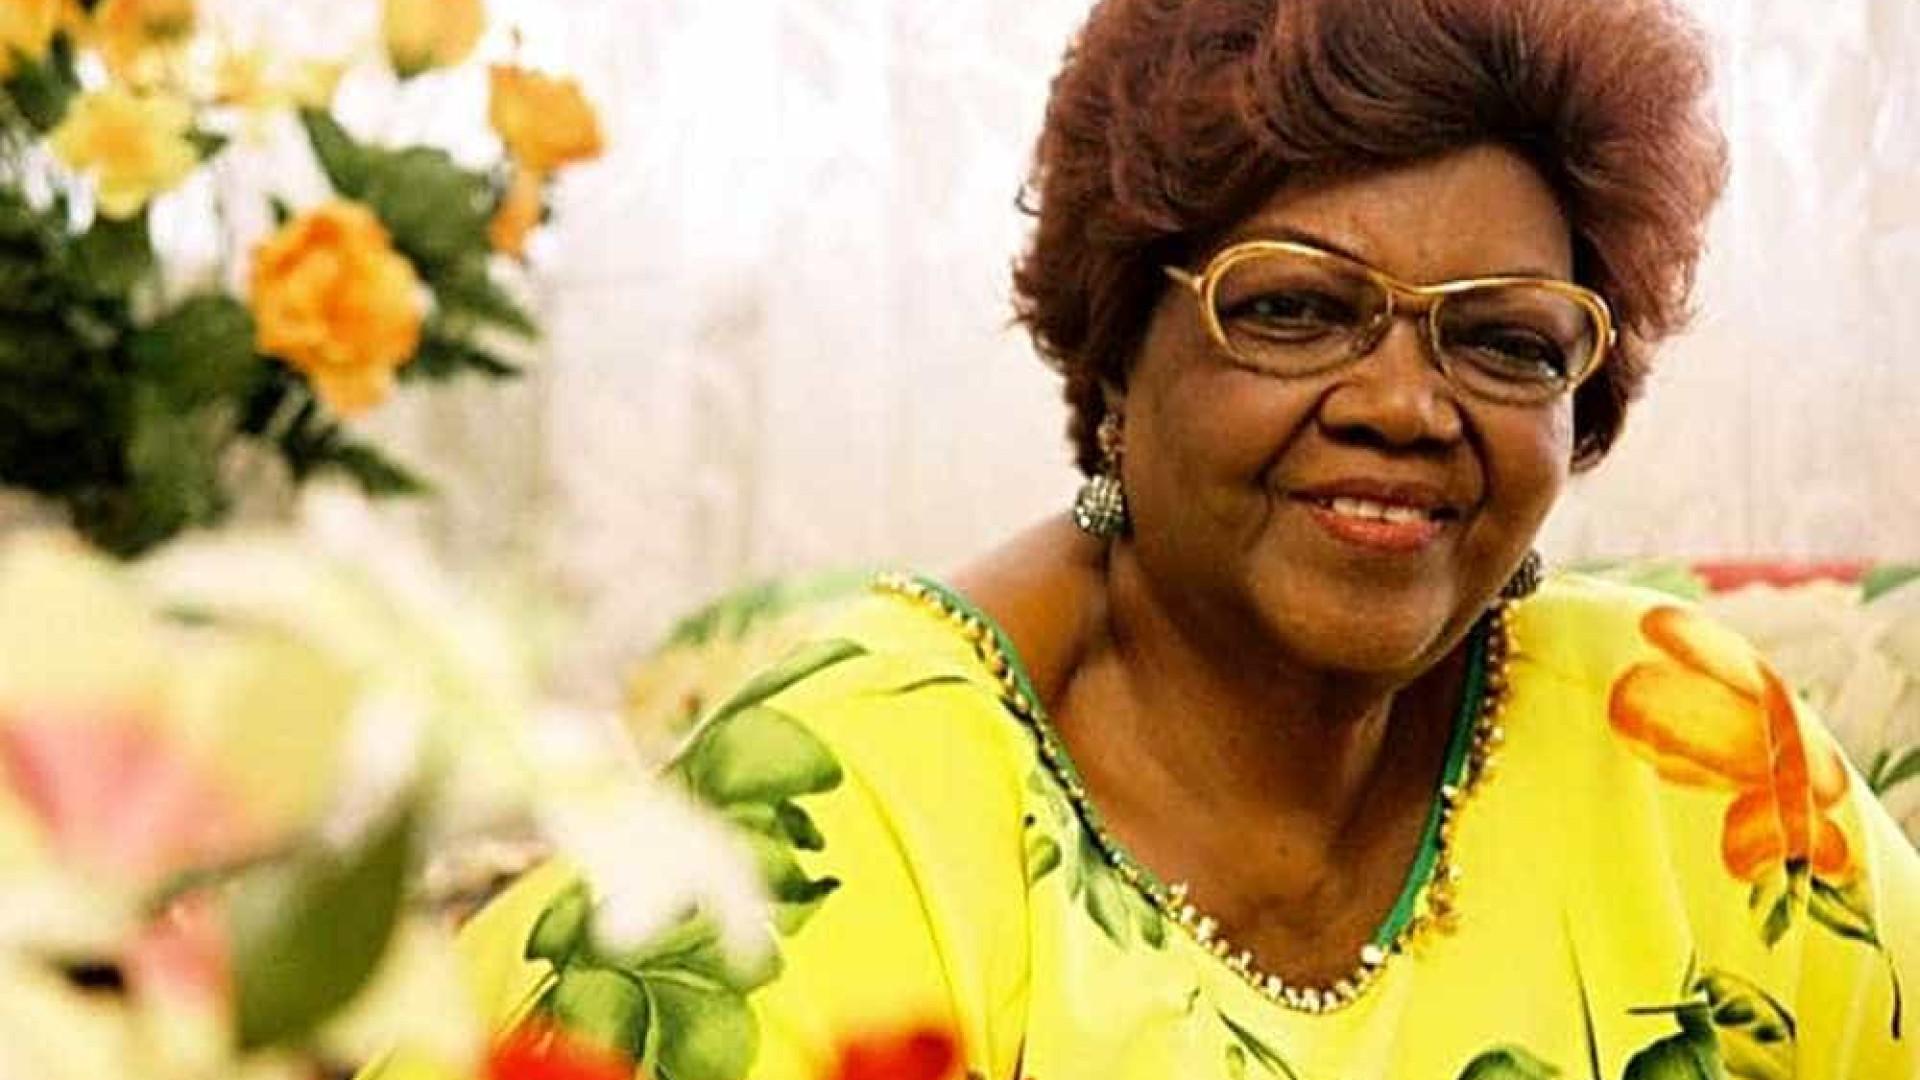 Morreu ícone do samba, Ivone Lara. Tinha 97 anos